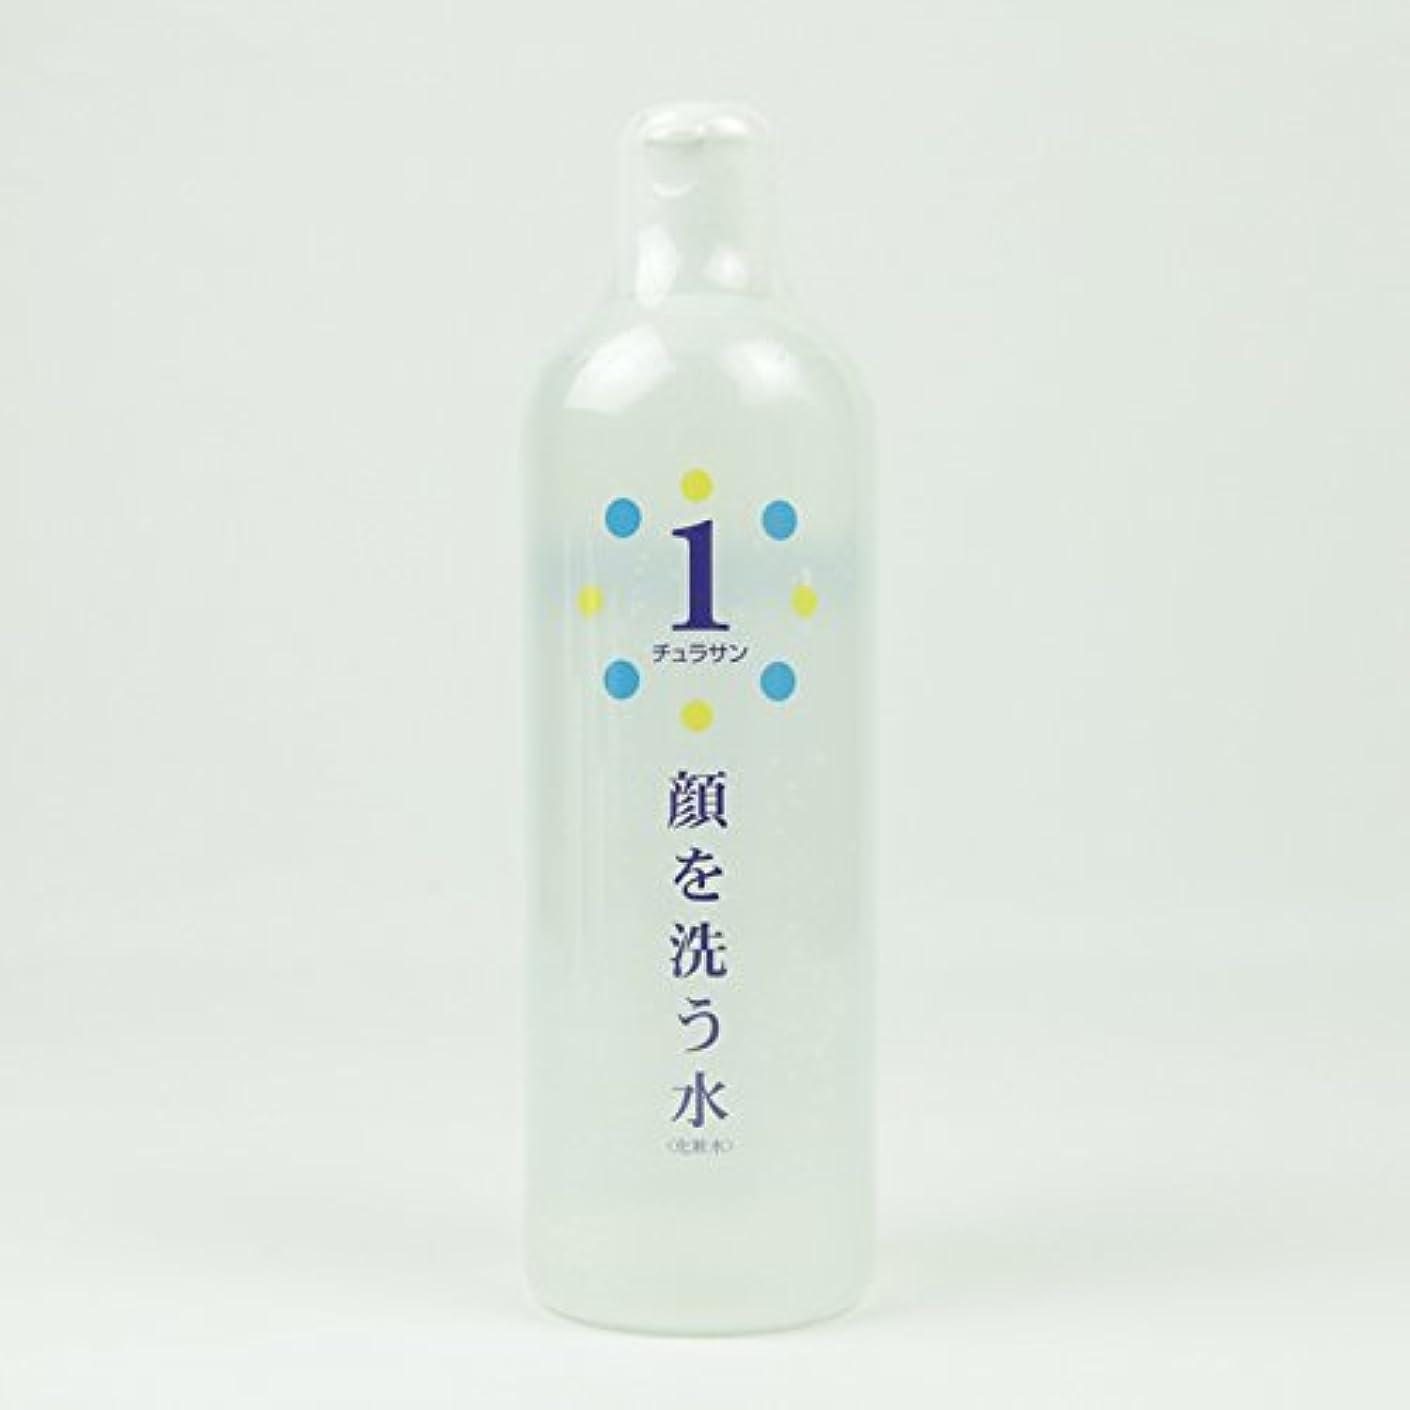 不利ラベル信号チュラサン1 【顔を洗う水】 500ml